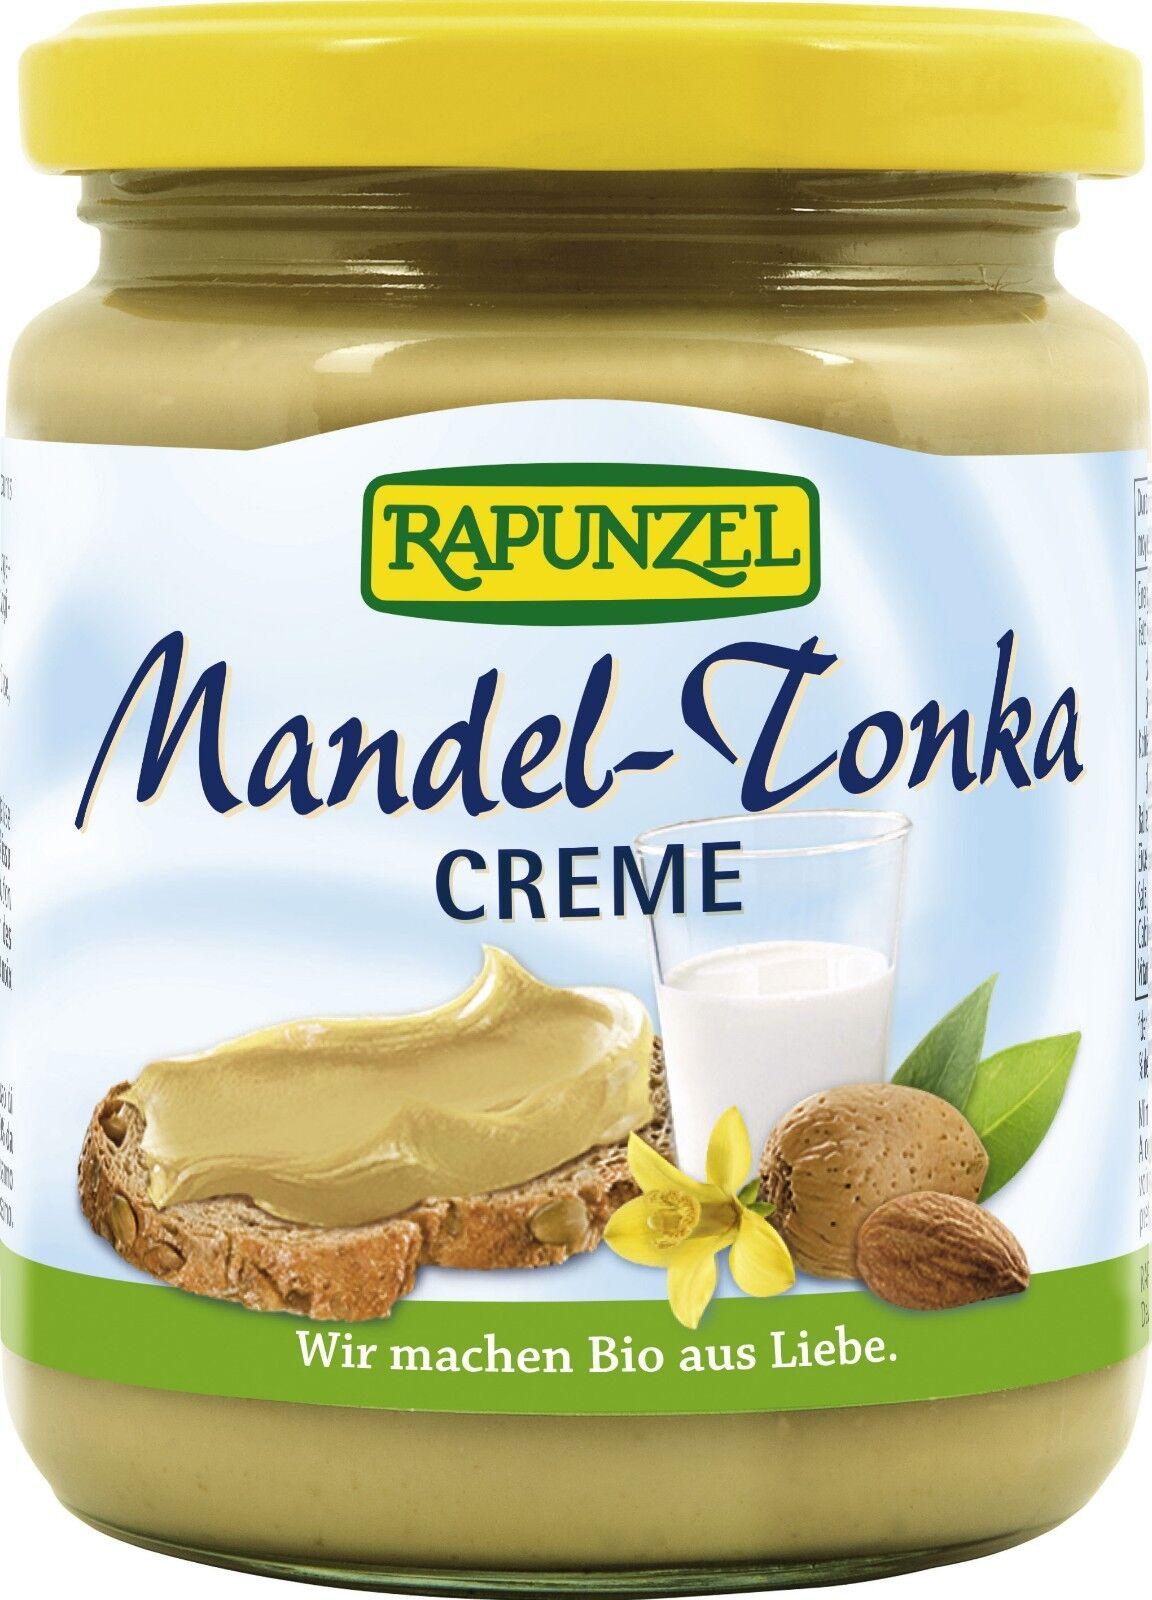 RAPUNZEL Mandel-Tonka-Creme, 250g BIO aus Liebe